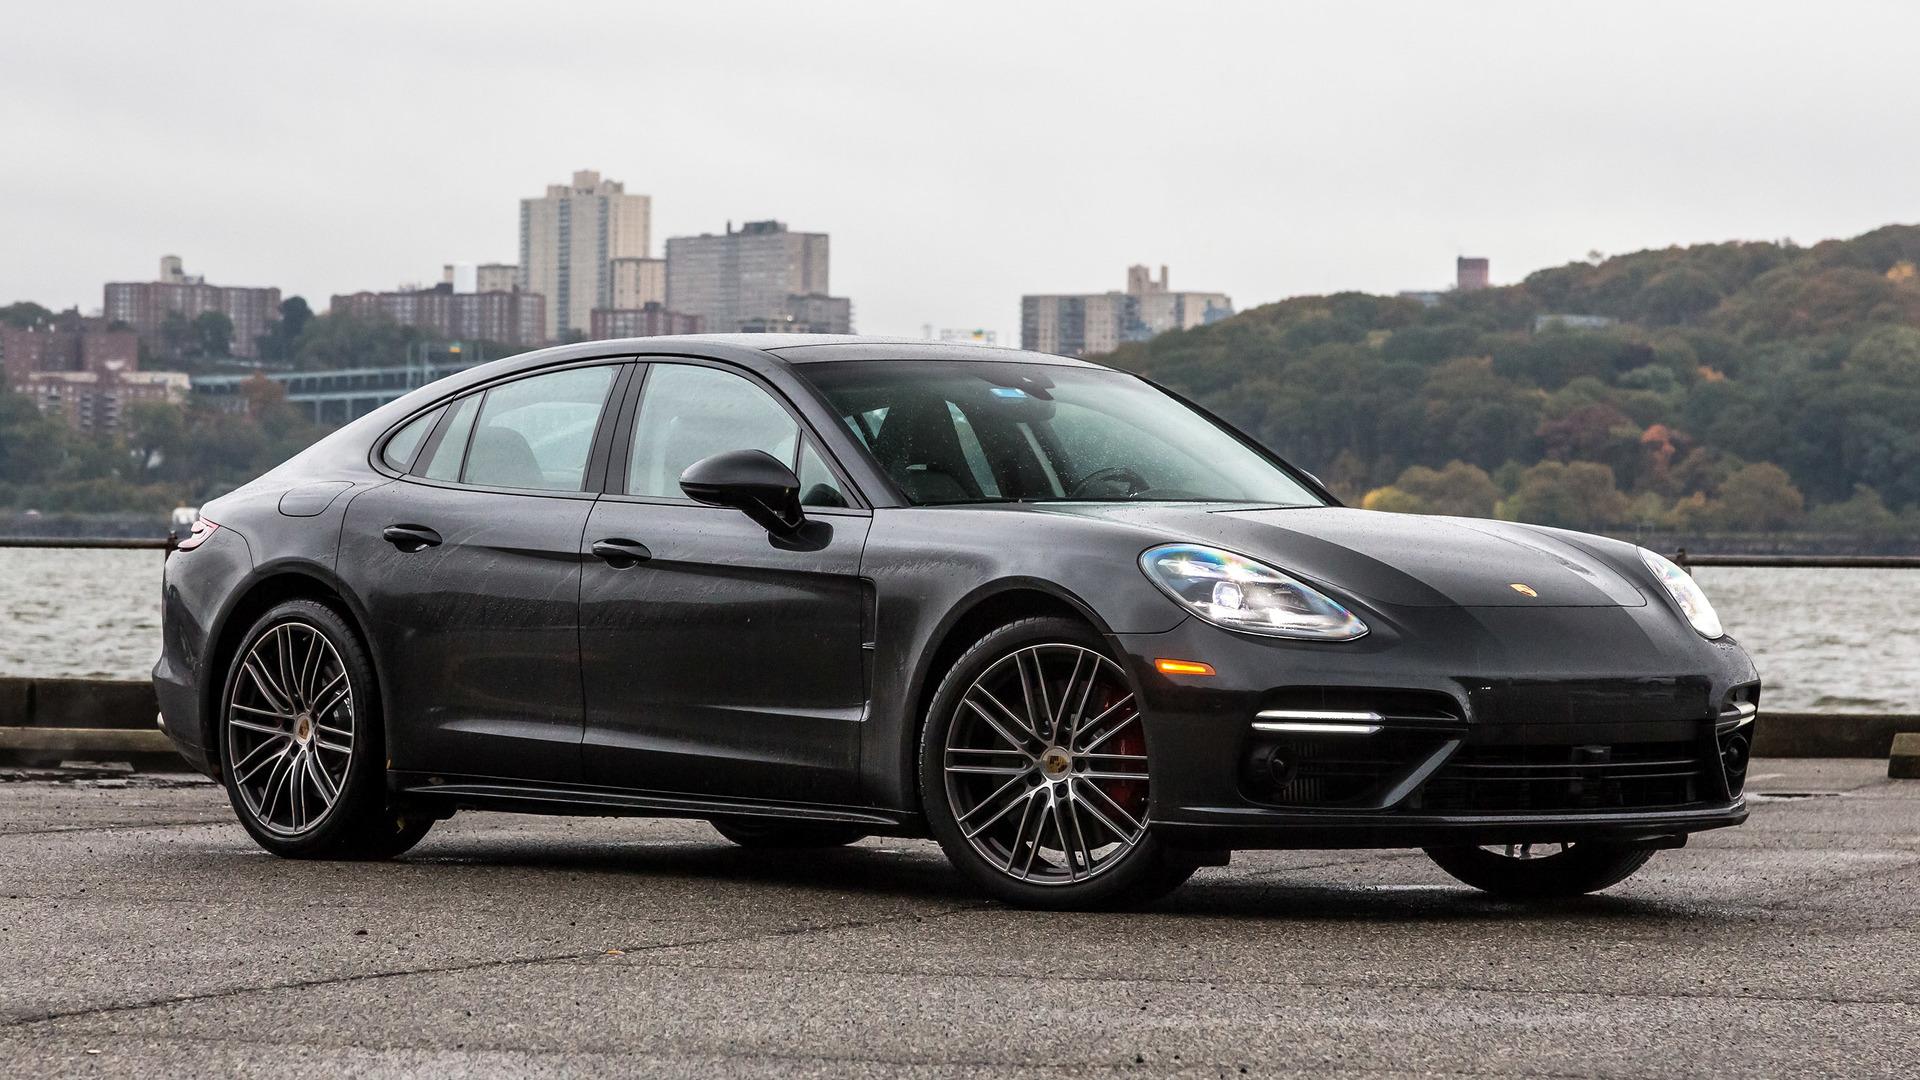 4 Door Porsche >> 2017 Porsche Panamera Turbo First Drive When Luxury Four